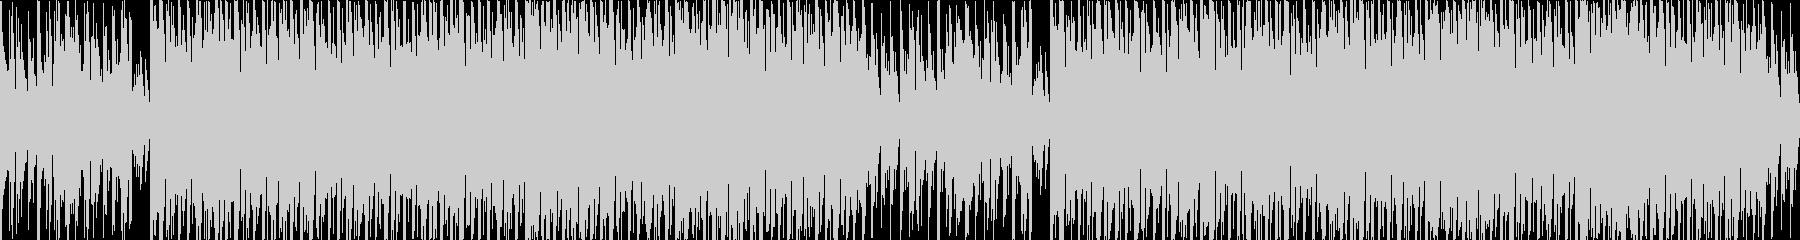 かわいいベルうきうきポップな日常ループcの未再生の波形